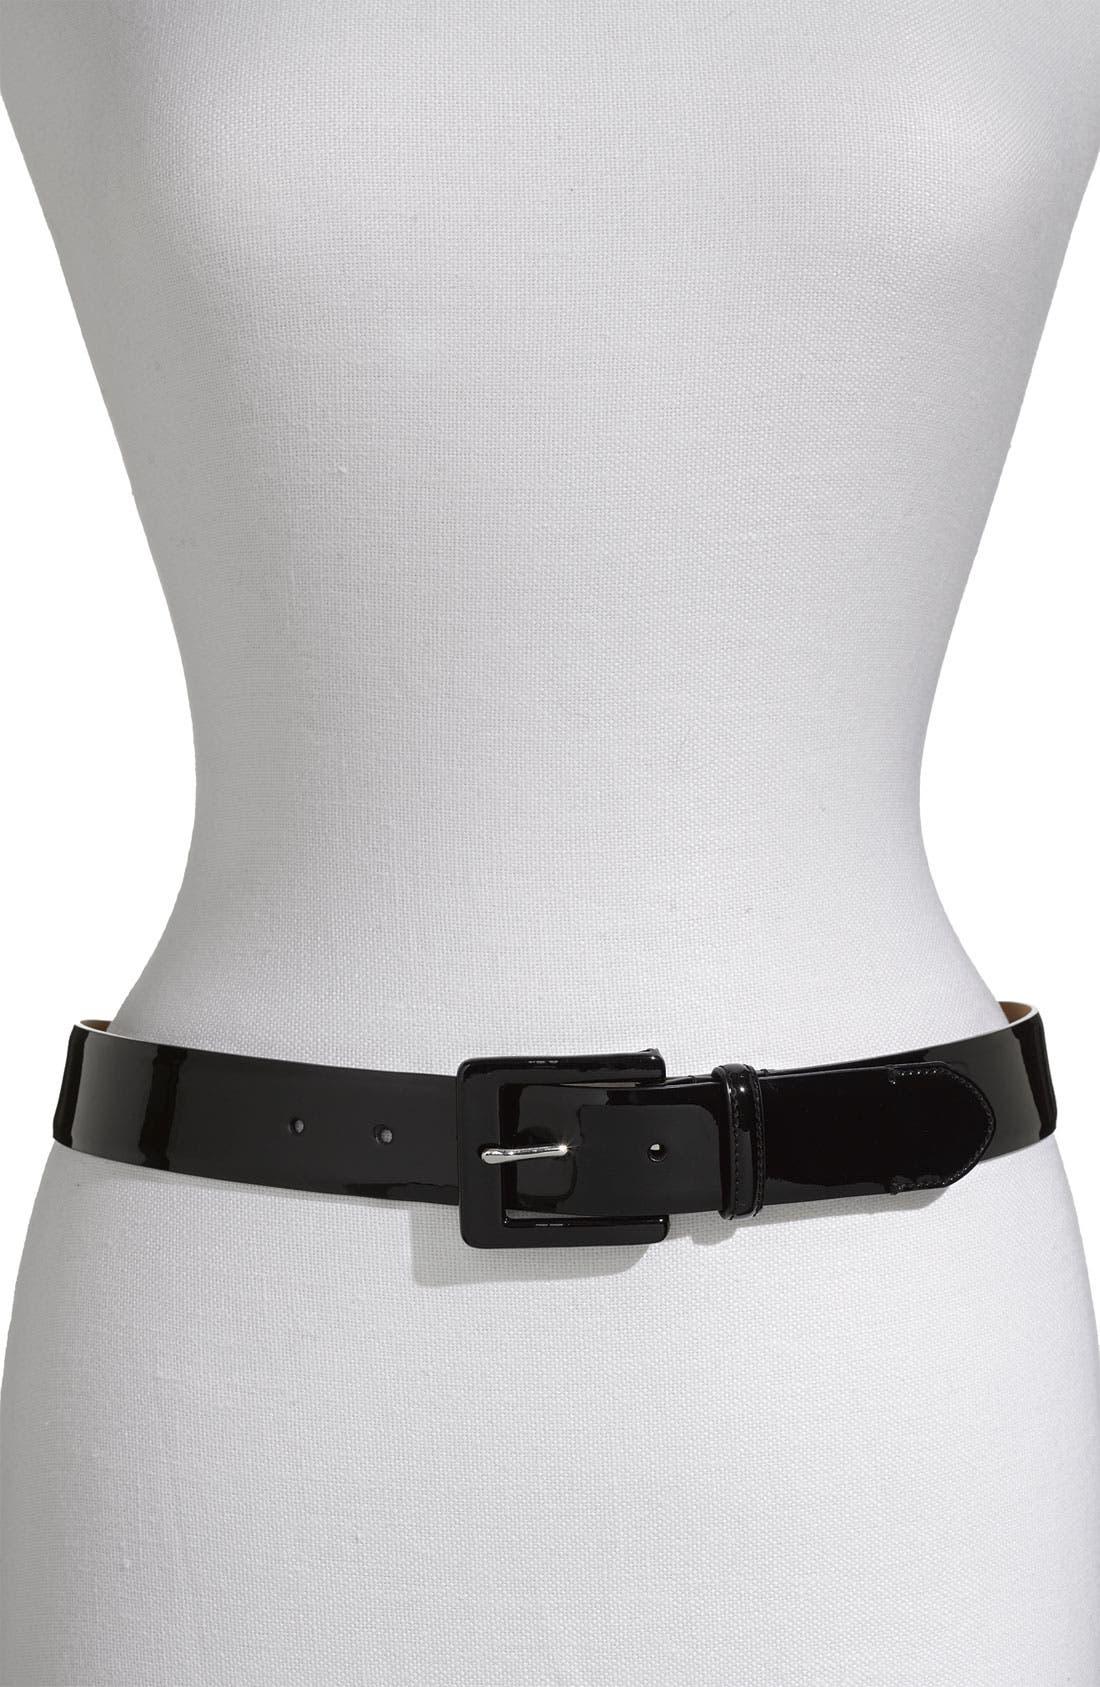 Alternate Image 1 Selected - Lauren Ralph Lauren Belt